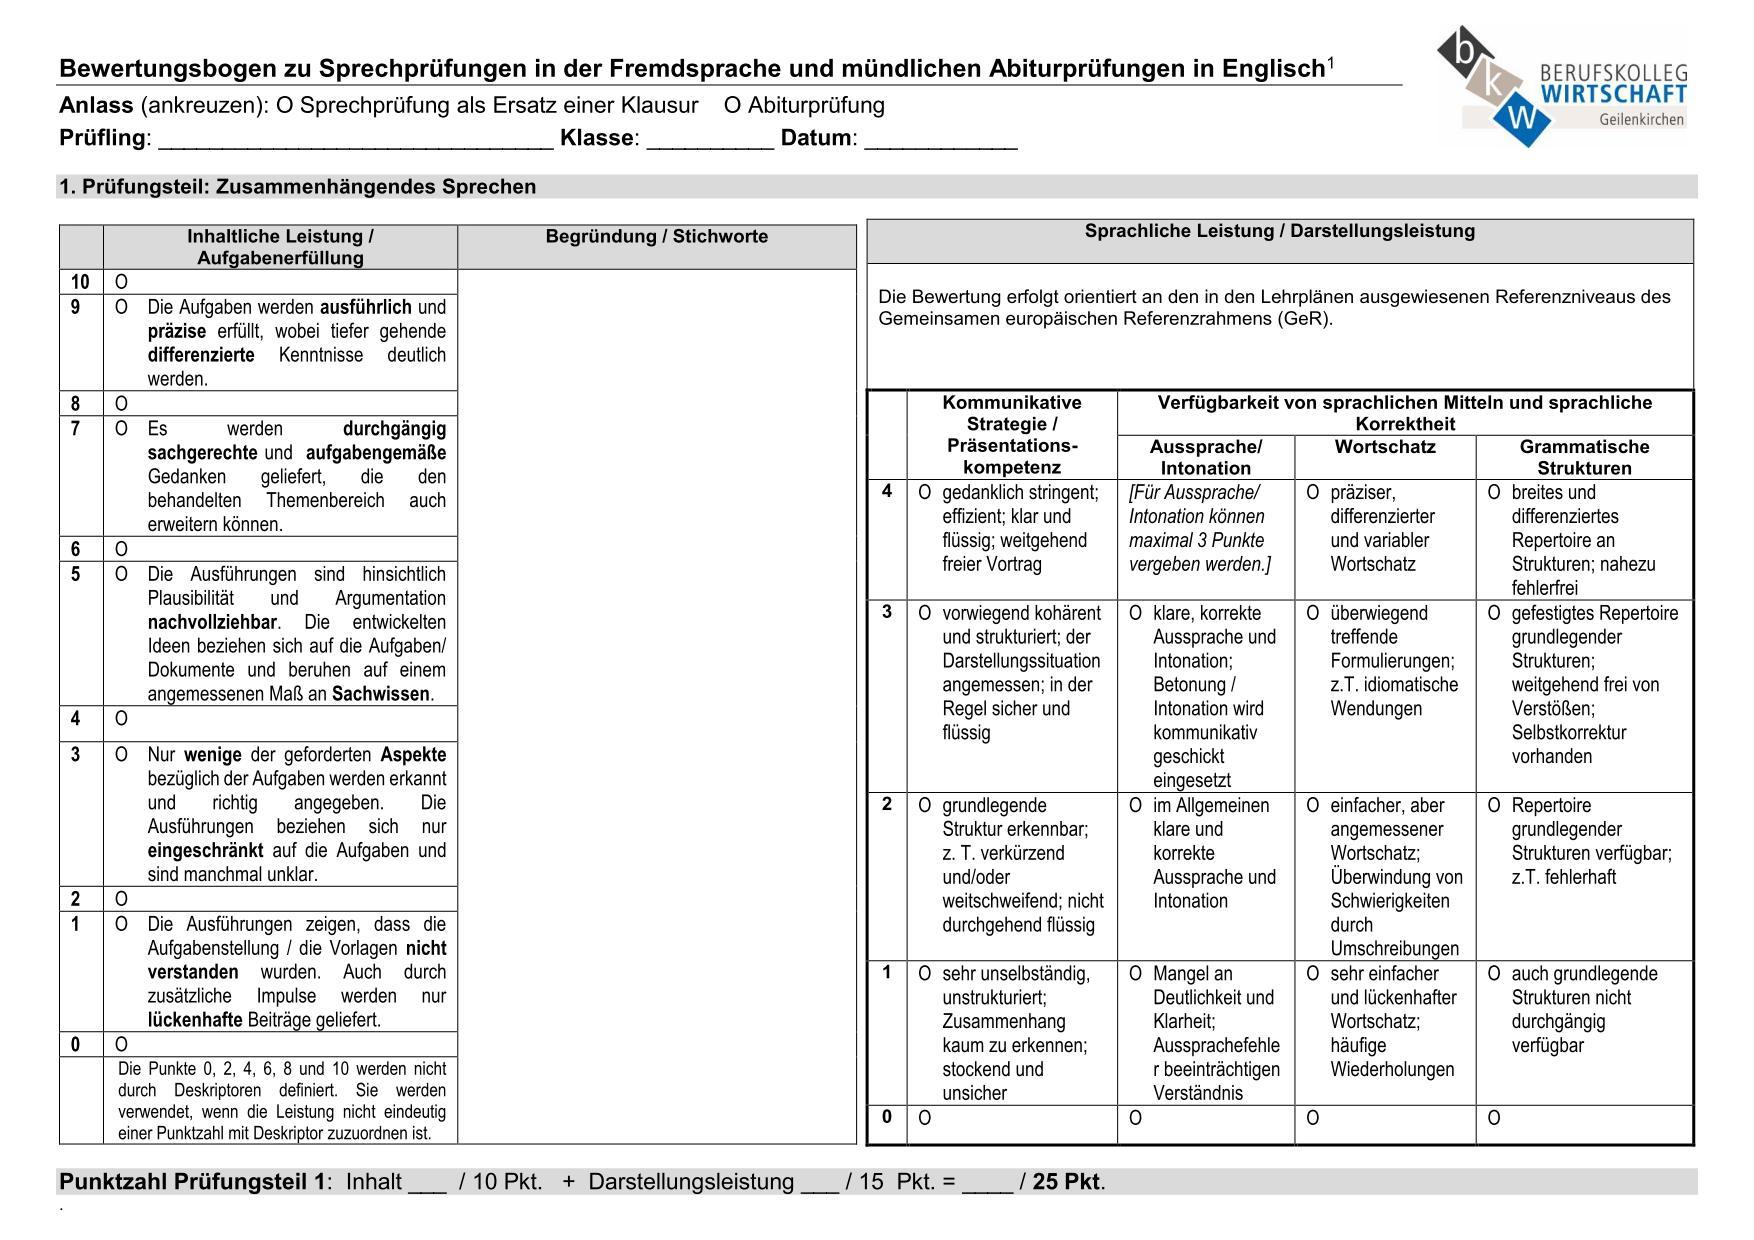 Leistungsbewertung - Berufskolleg Wirtschaft Geilenkirchen